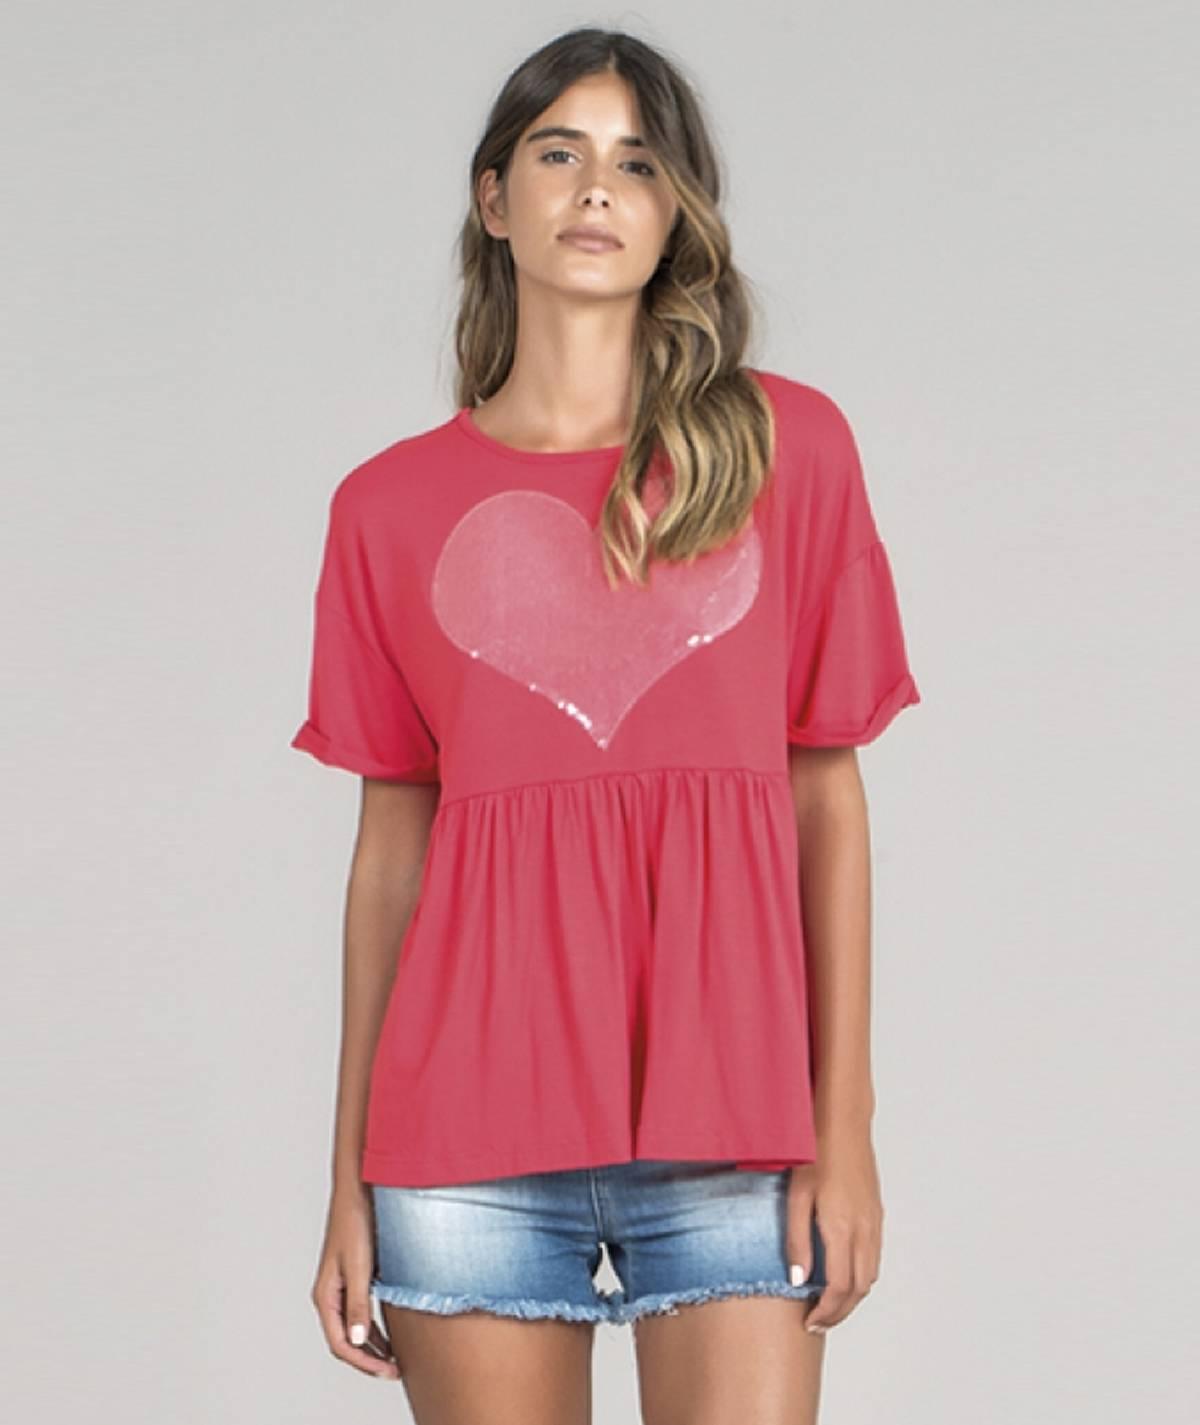 T-shirt  coração